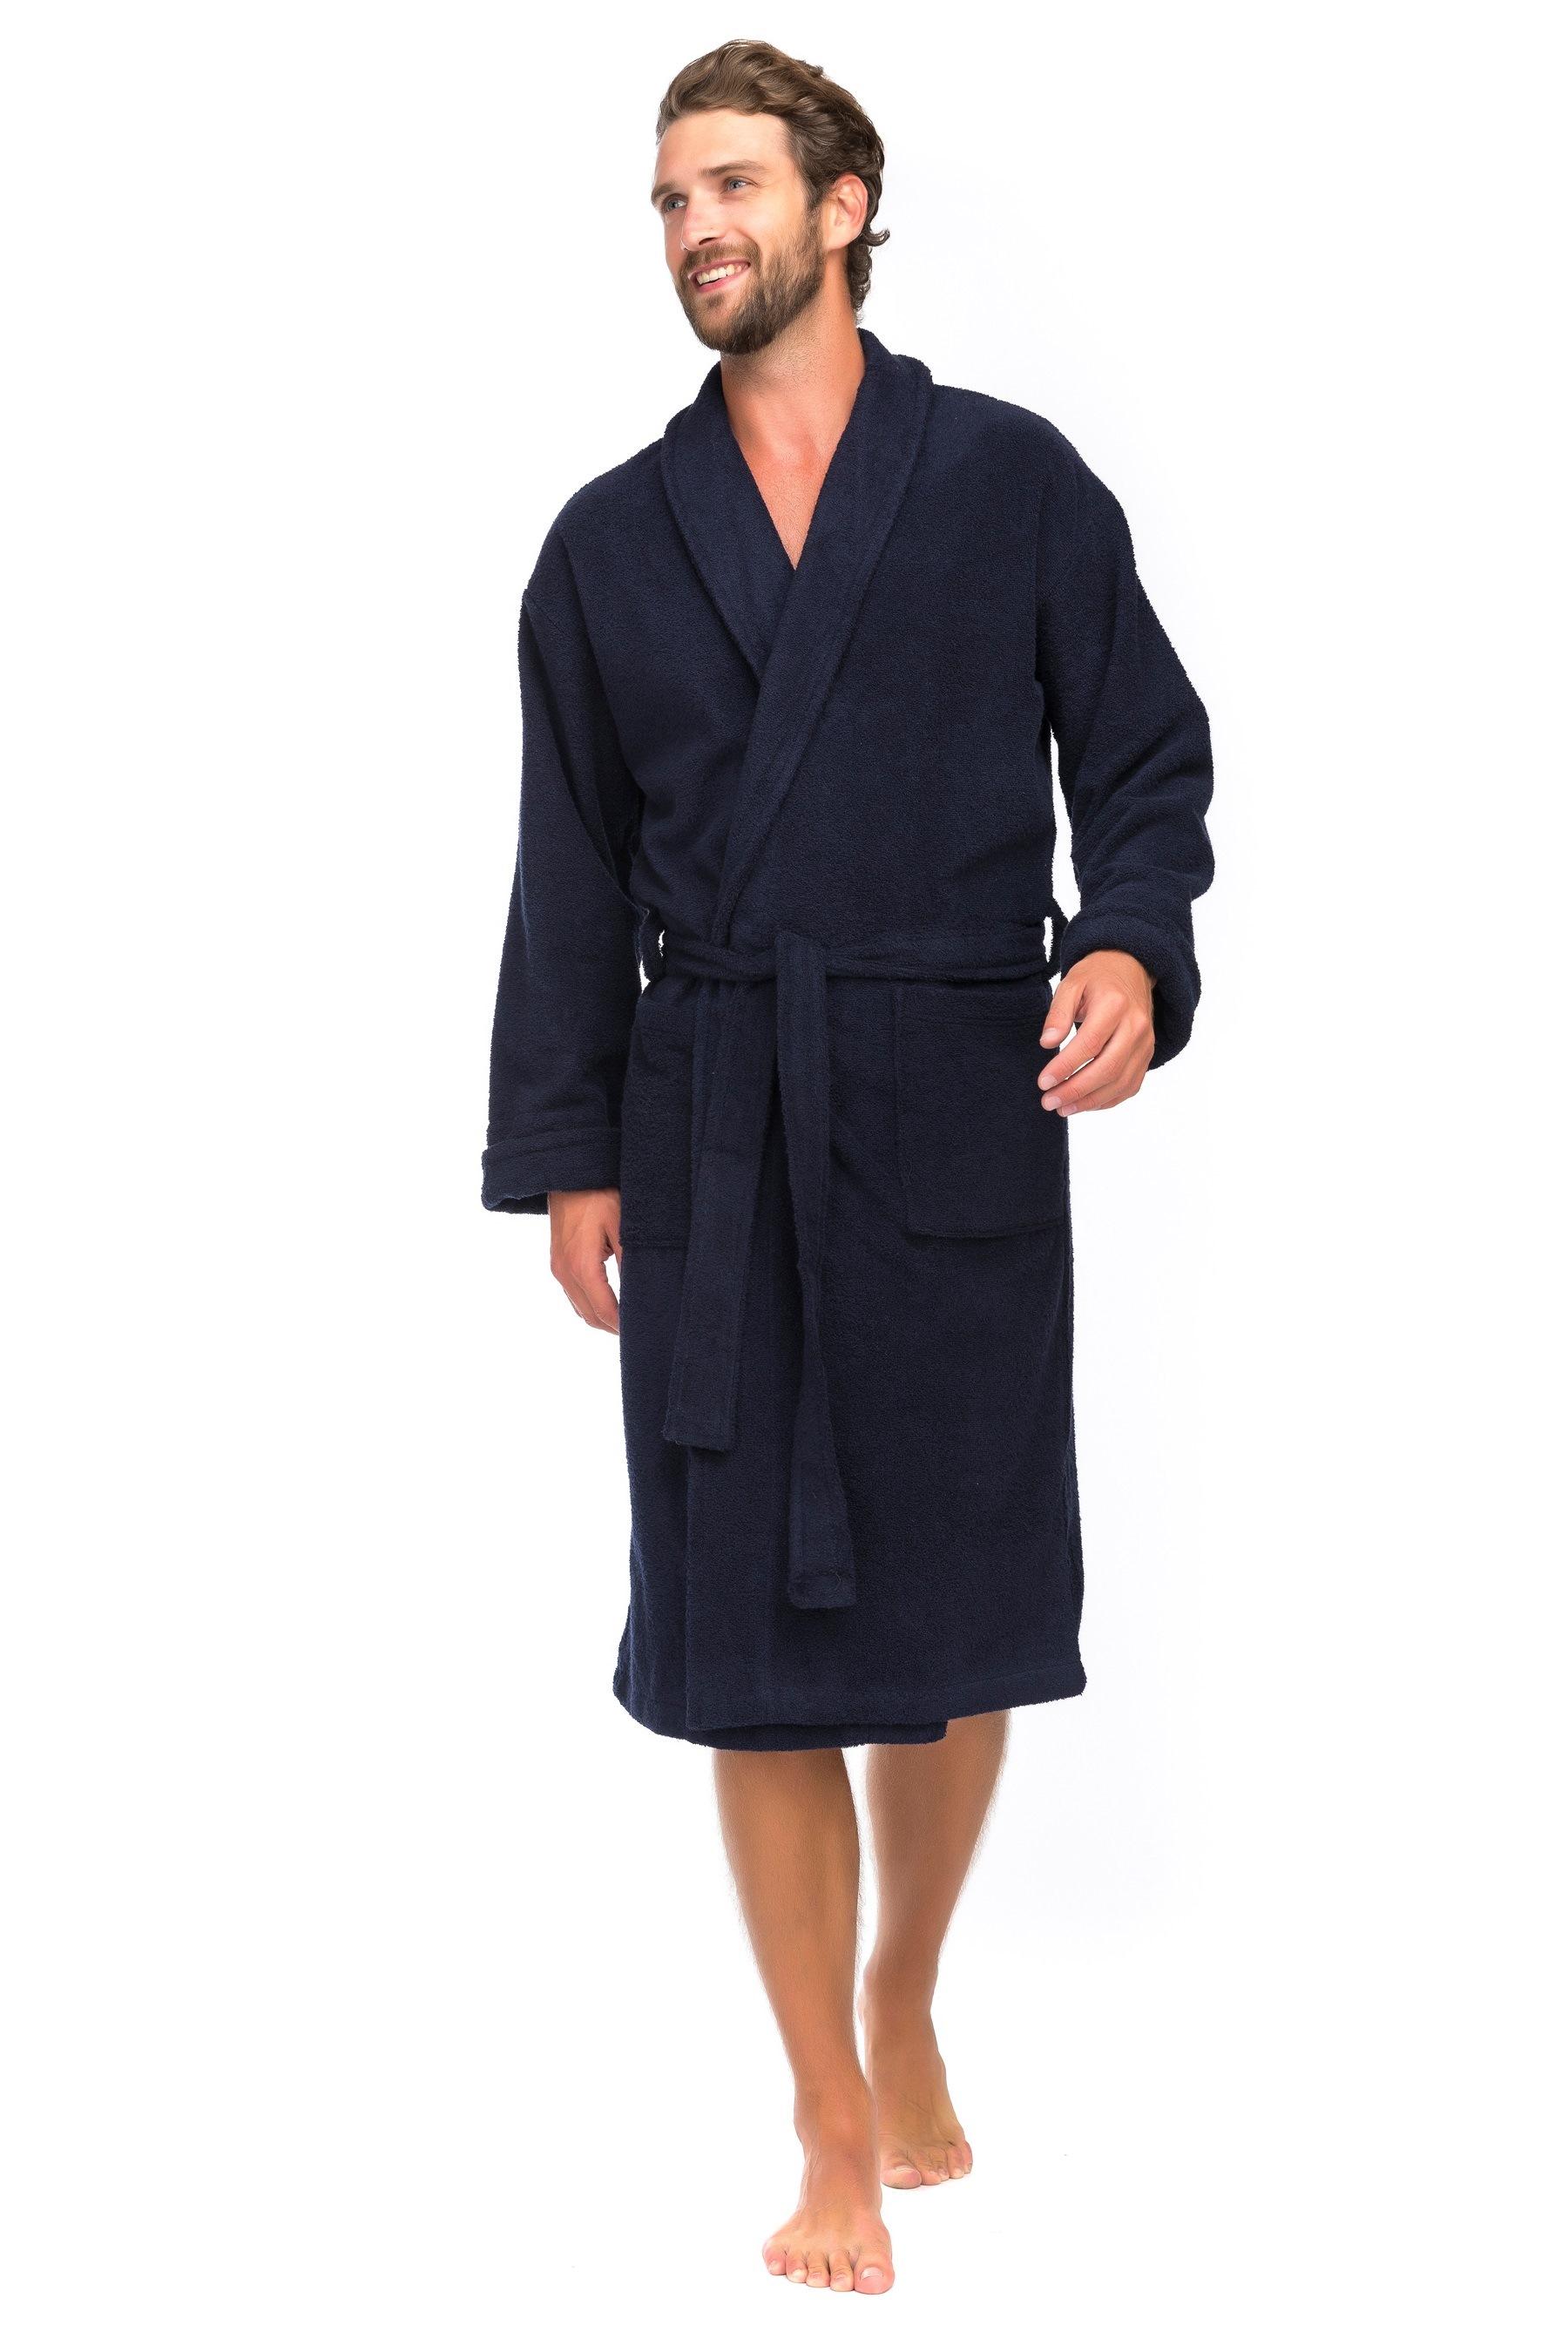 Мужской банный халат Deep Blue ЕvaTeks 363/5, темно-синий, 50-52